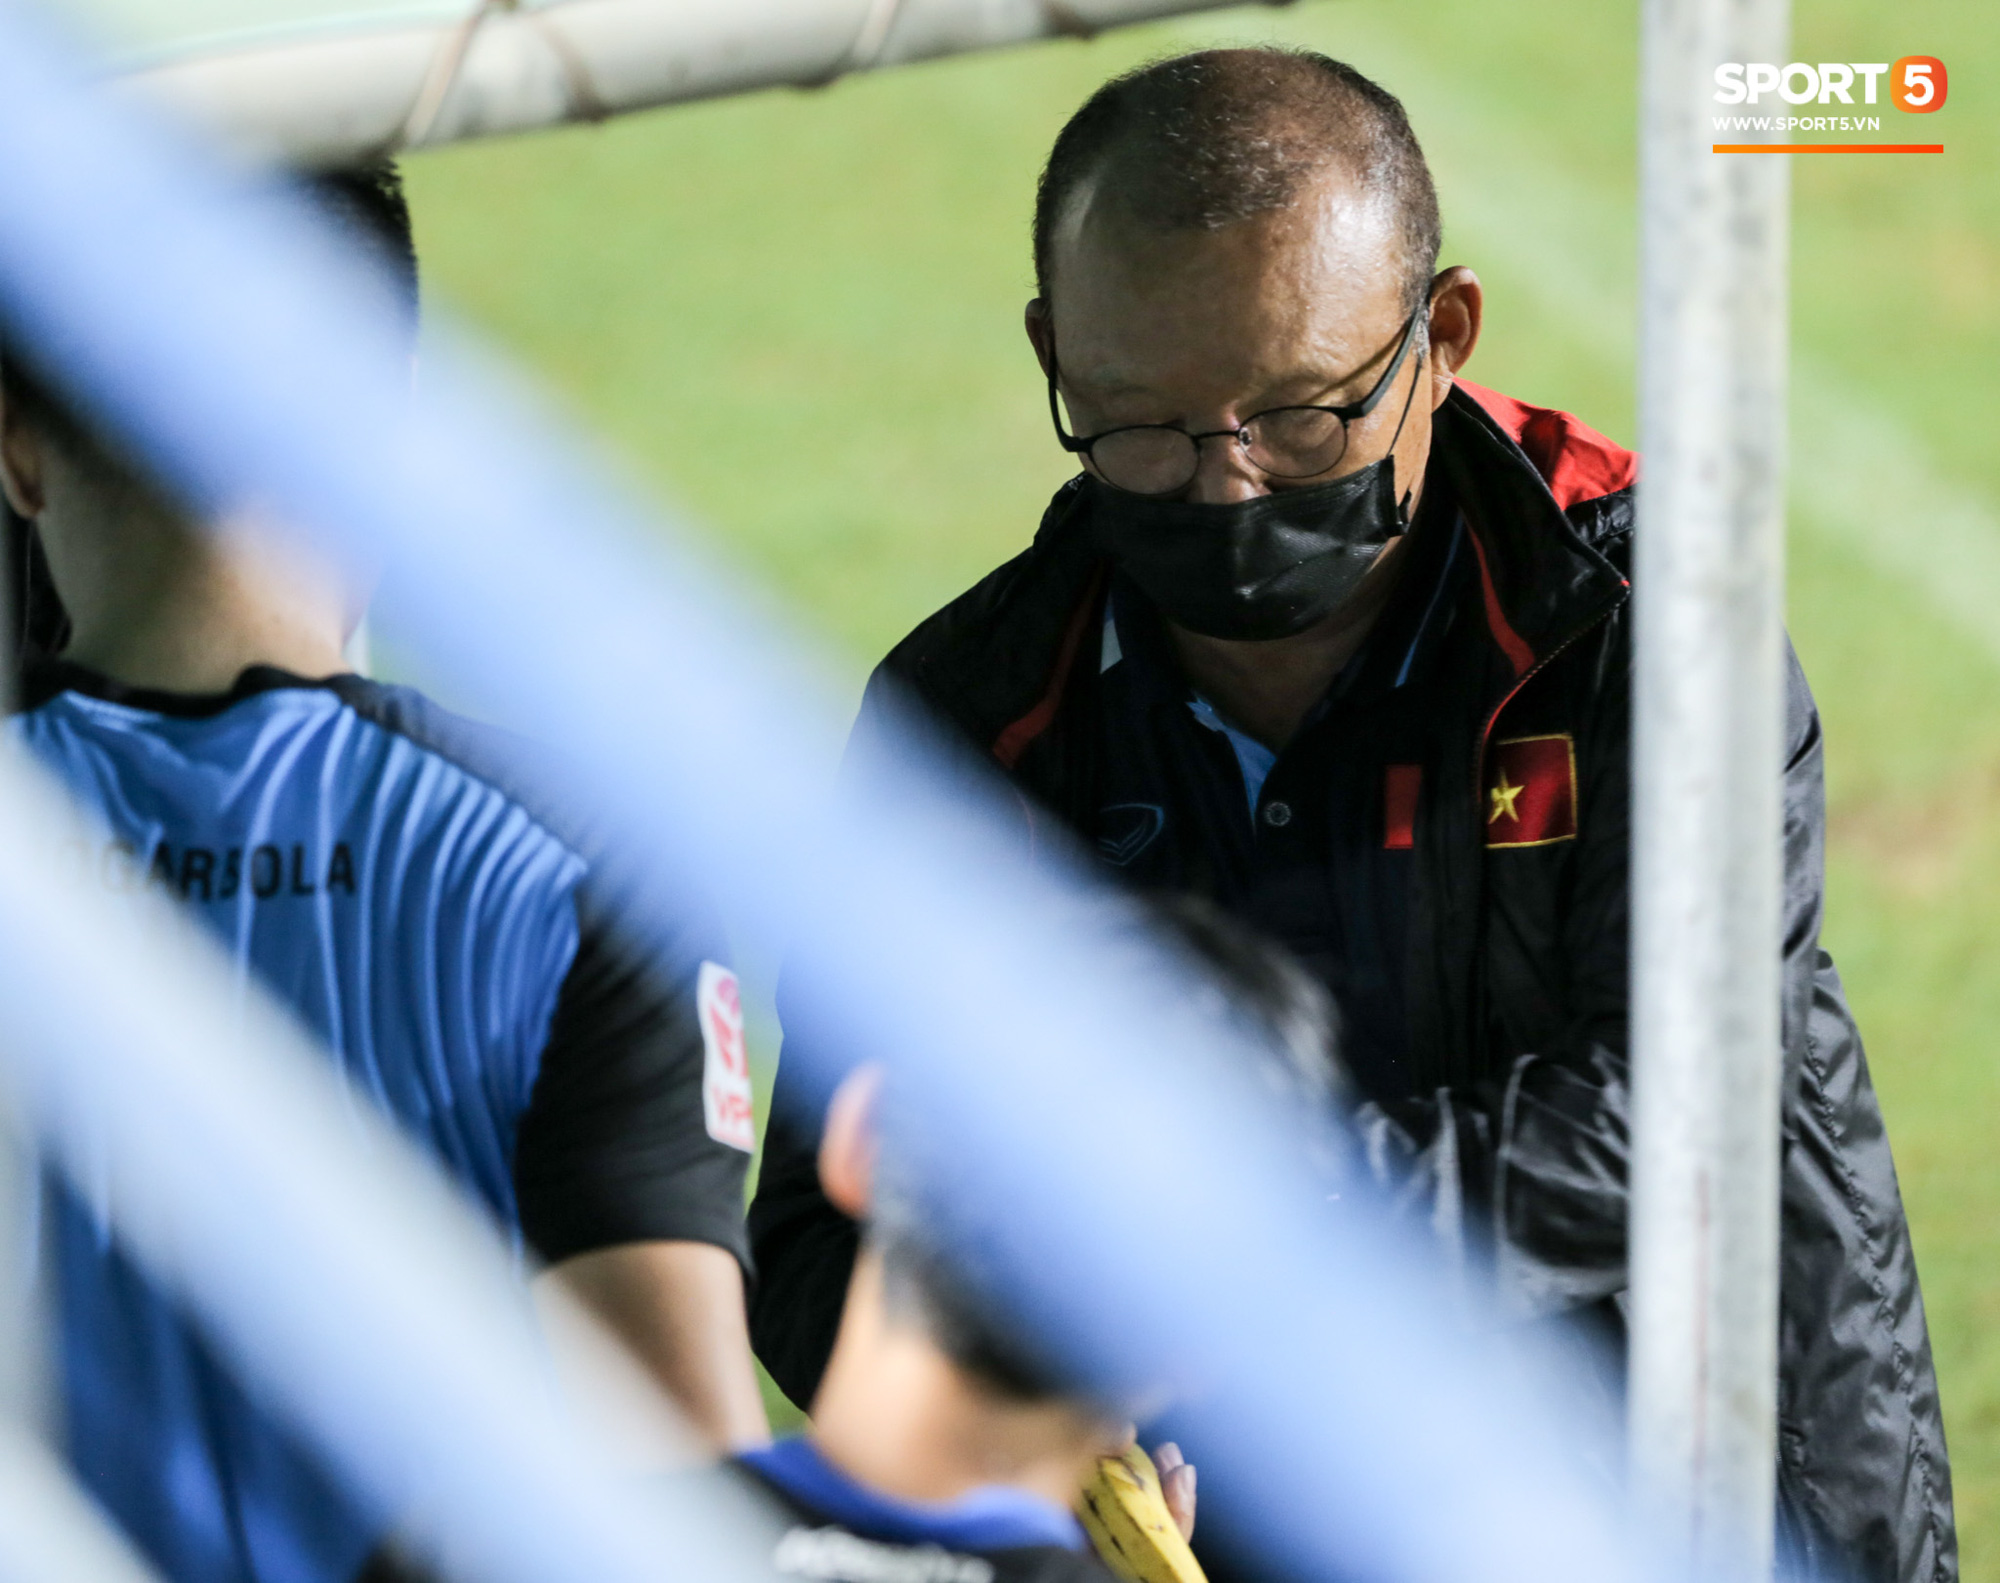 HLV Park Hang-seo không cản nổi học trò đá quyết liệt dù đã cấm xoạc bóng sau sự cố chấn thương - Ảnh 8.